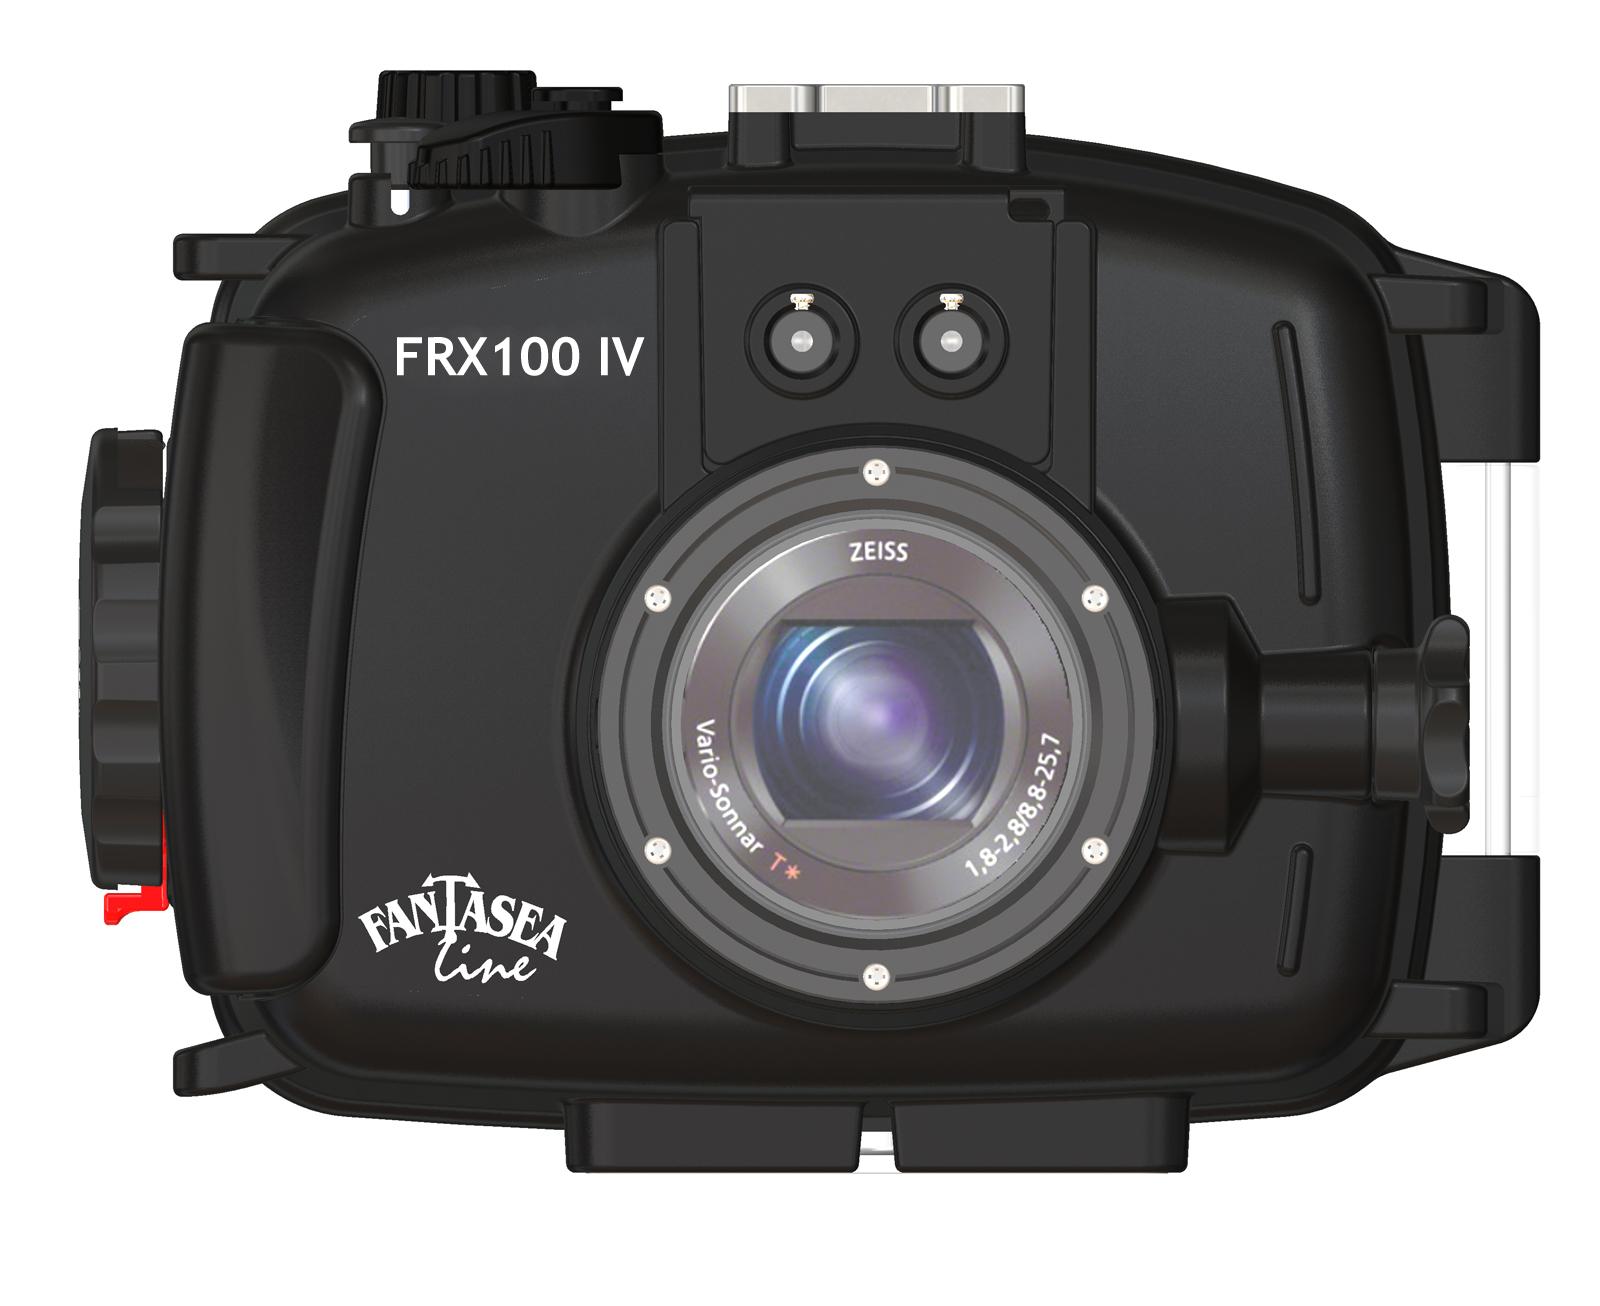 Универсальный бокс для фотокамер Sony Cyber-shot RX100 III, RX100 IV и RX100 V